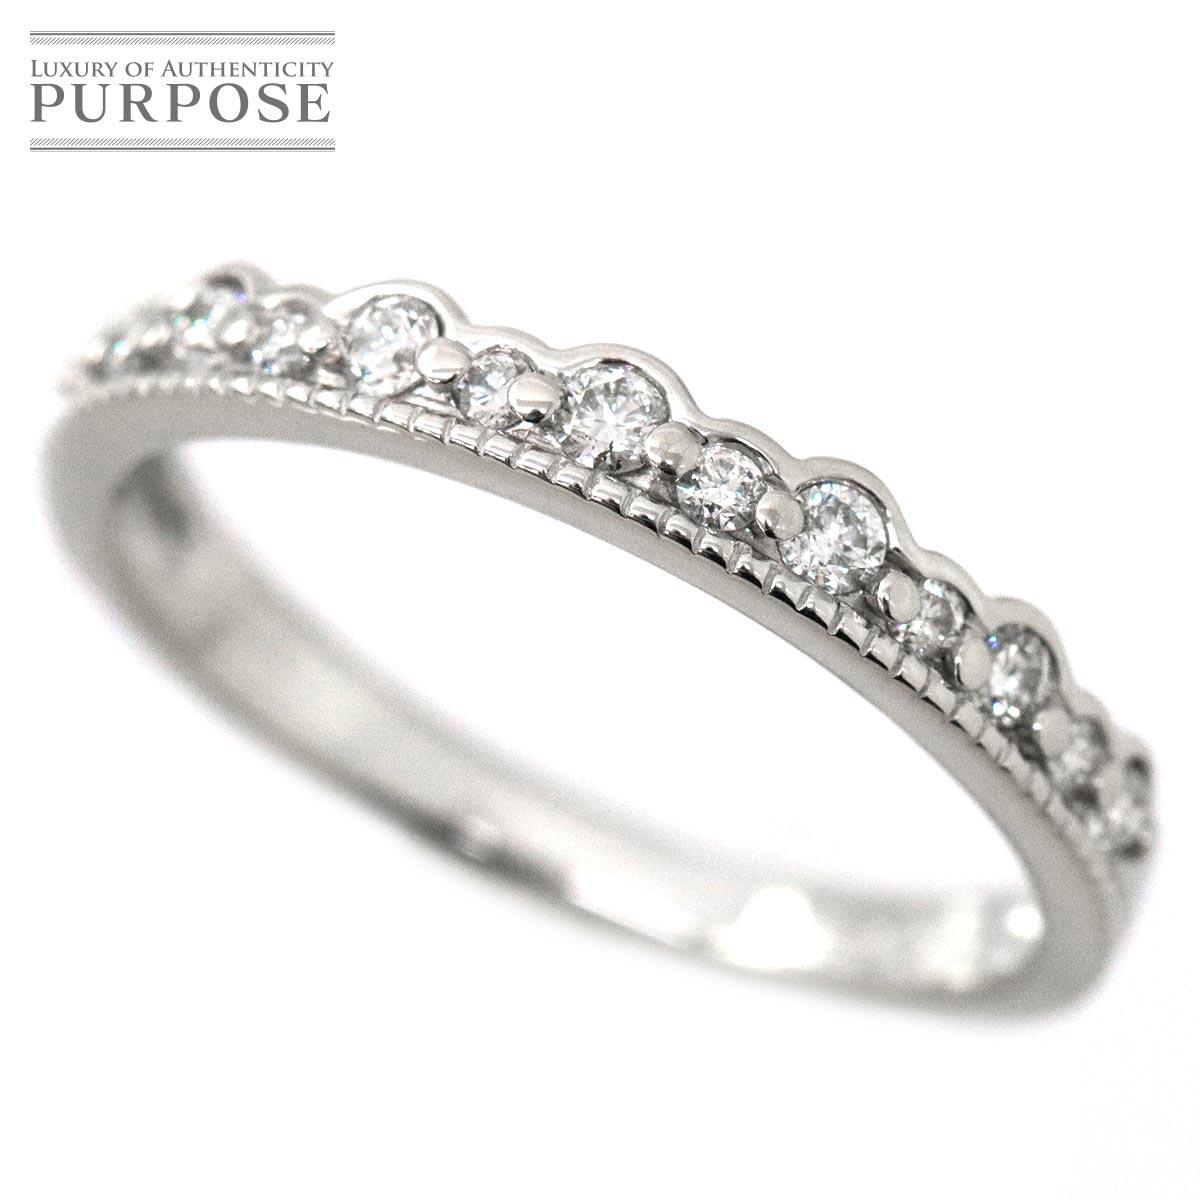 【新品仕上げ】 ダイヤ 0.20ct K18WG リング 10号 18金ホワイトゴールド ダイア 指輪 【中古】